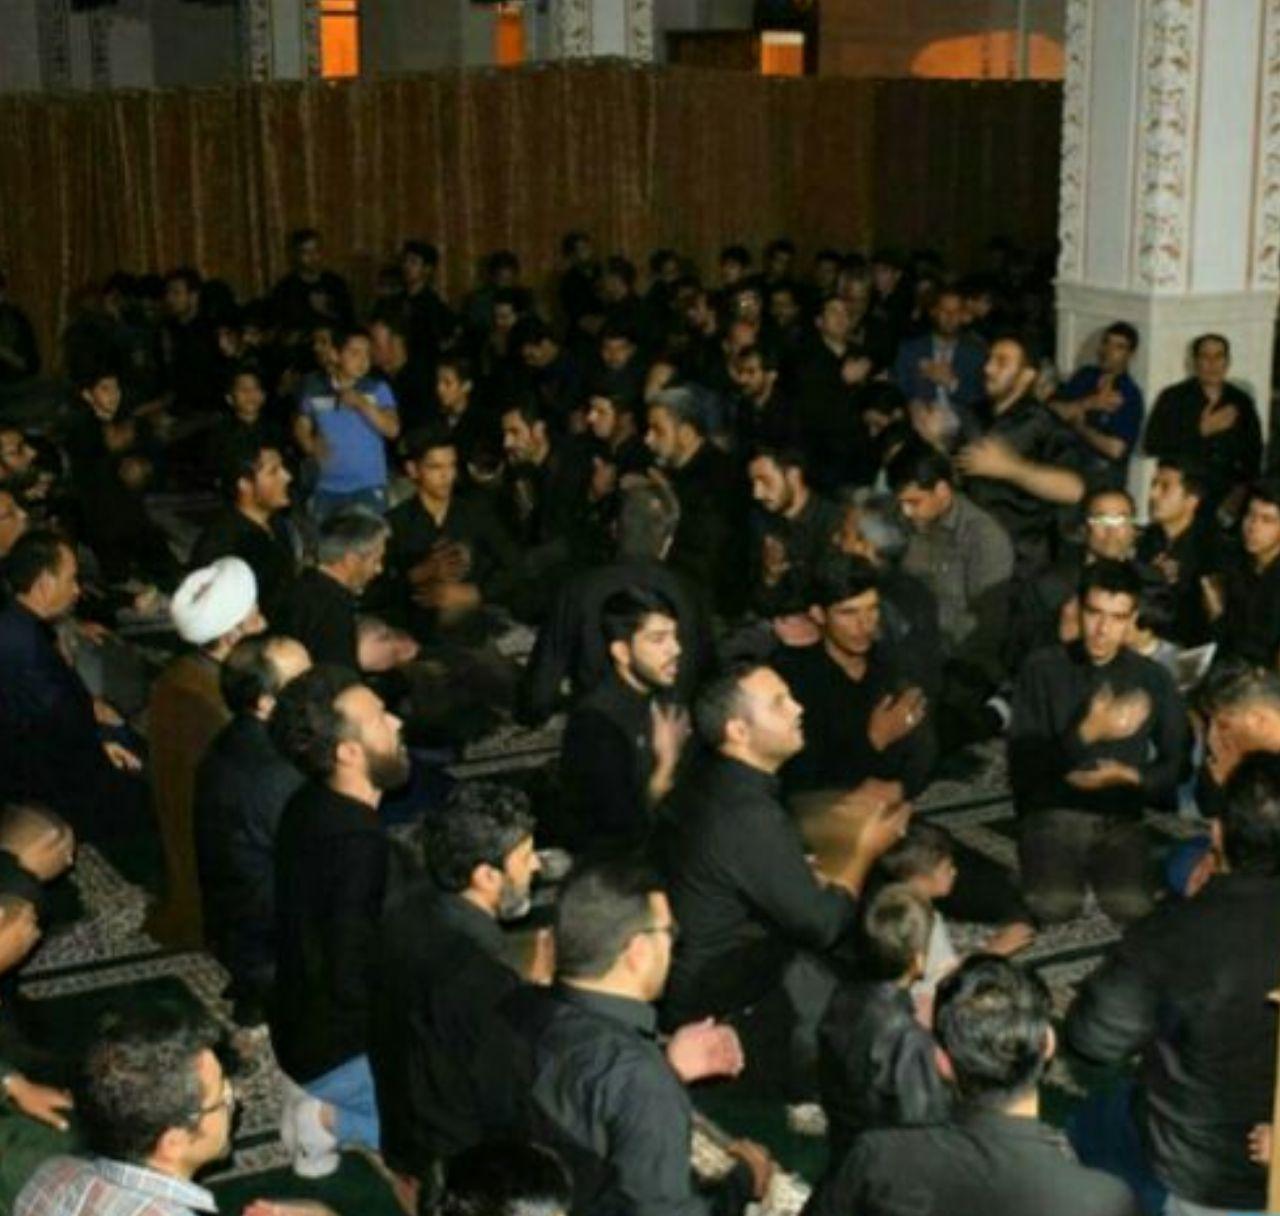 برگزاری مراسم احیاء شب بیست و یکم ماه مبارک رمضان در مسجد امام جعفرصادق(ع) خواف